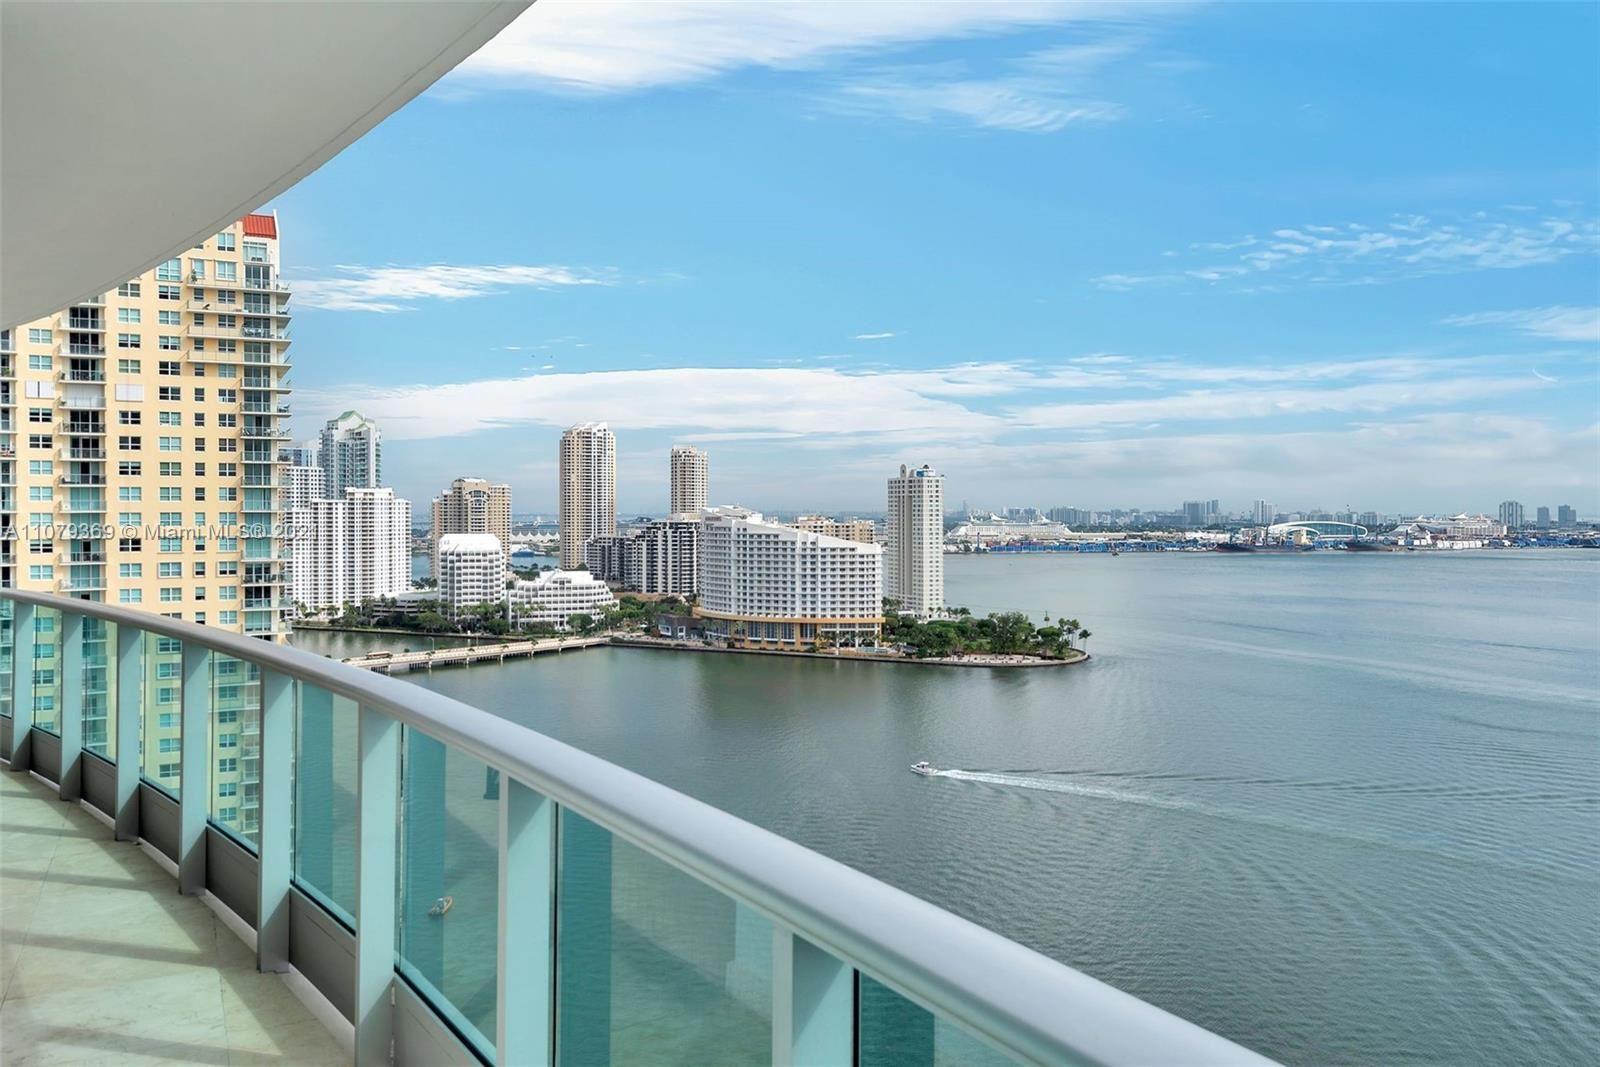 1331 Brickell Bay Dr #2401, Miami, FL 33131 - #: A11079369